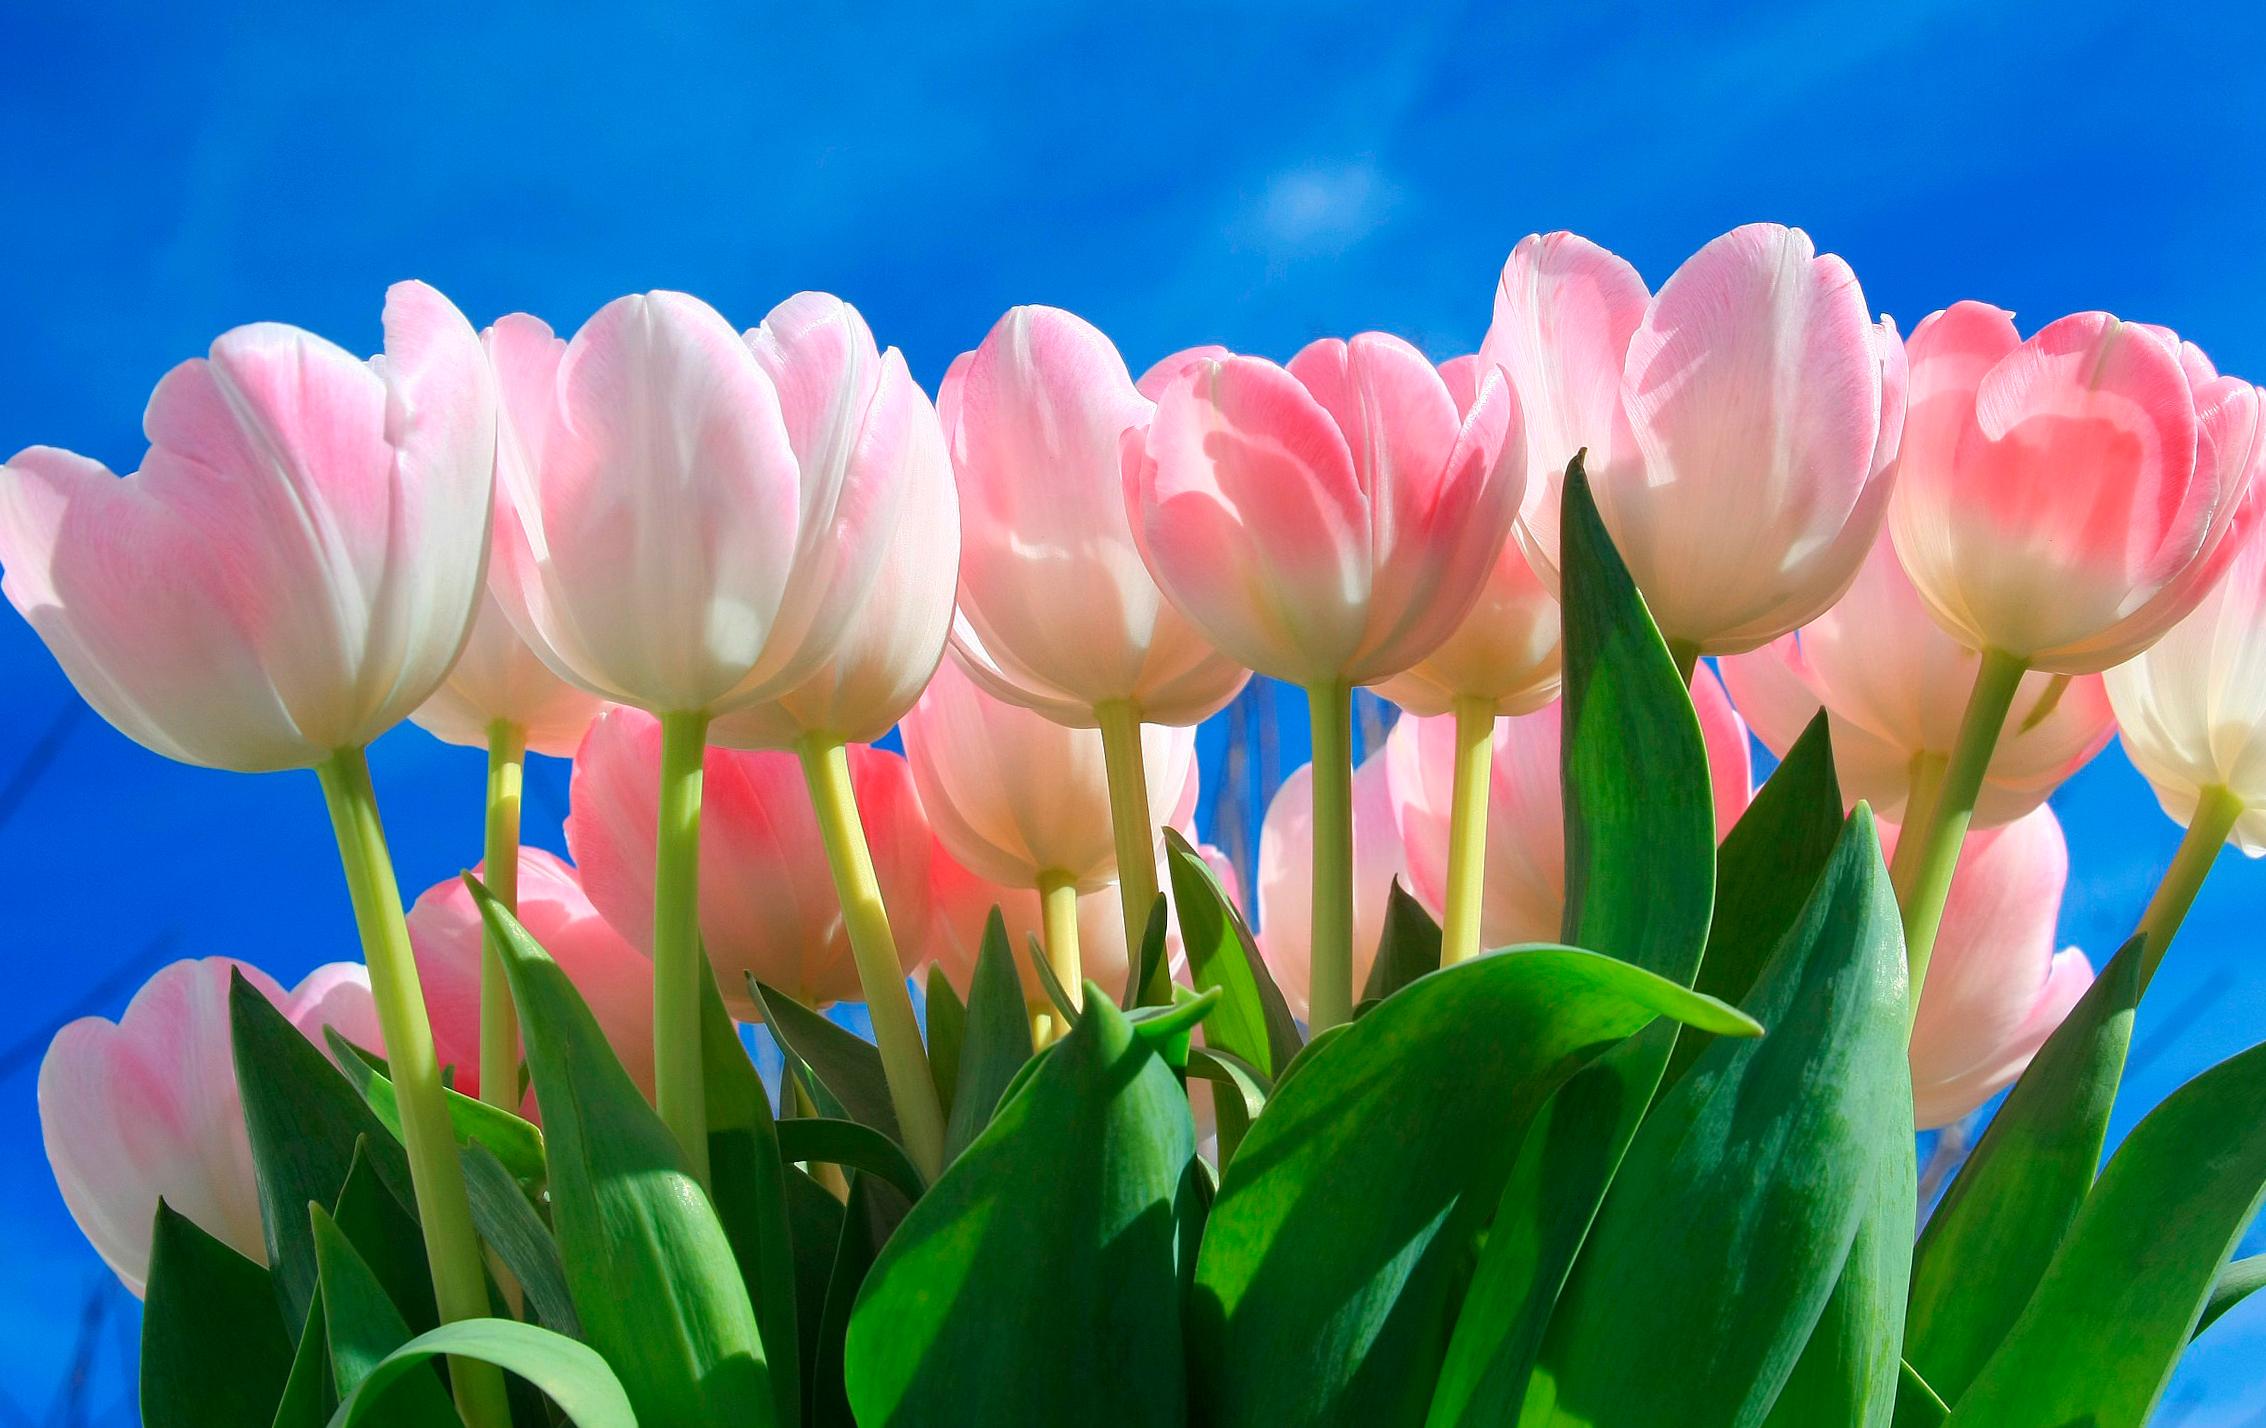 tulip-photo-106